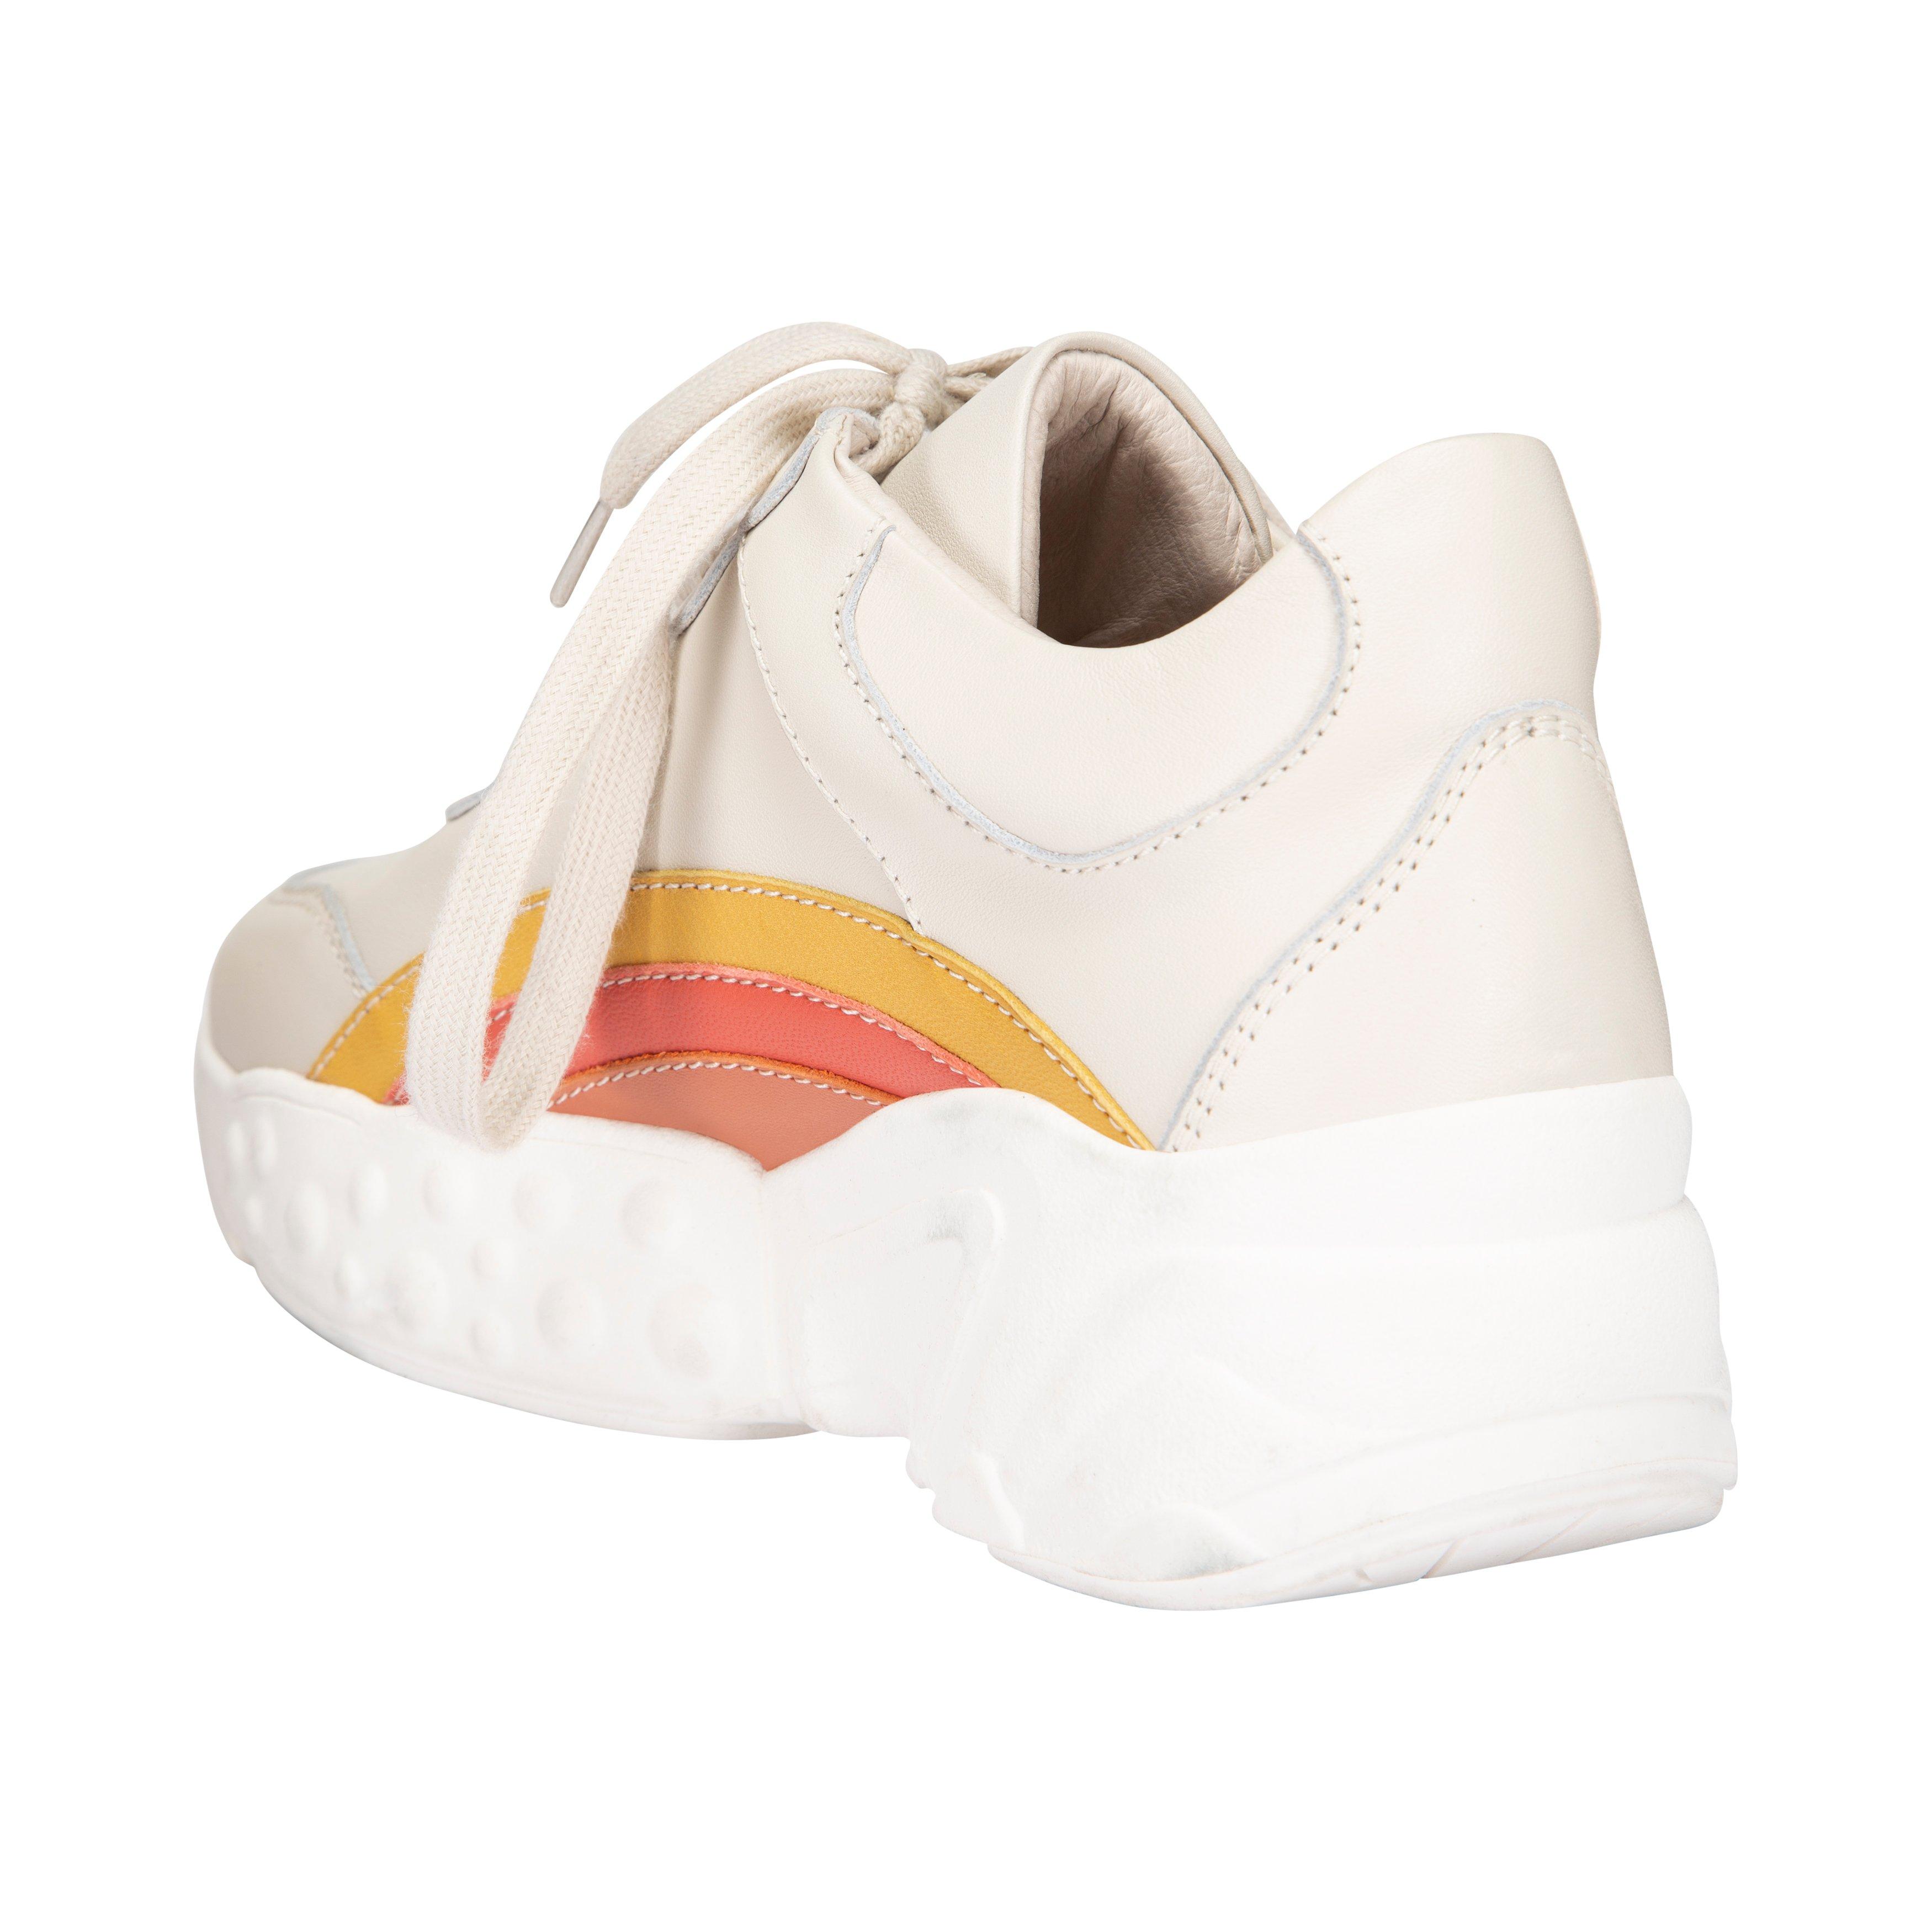 Sofie Schnoor rainbow sneakers